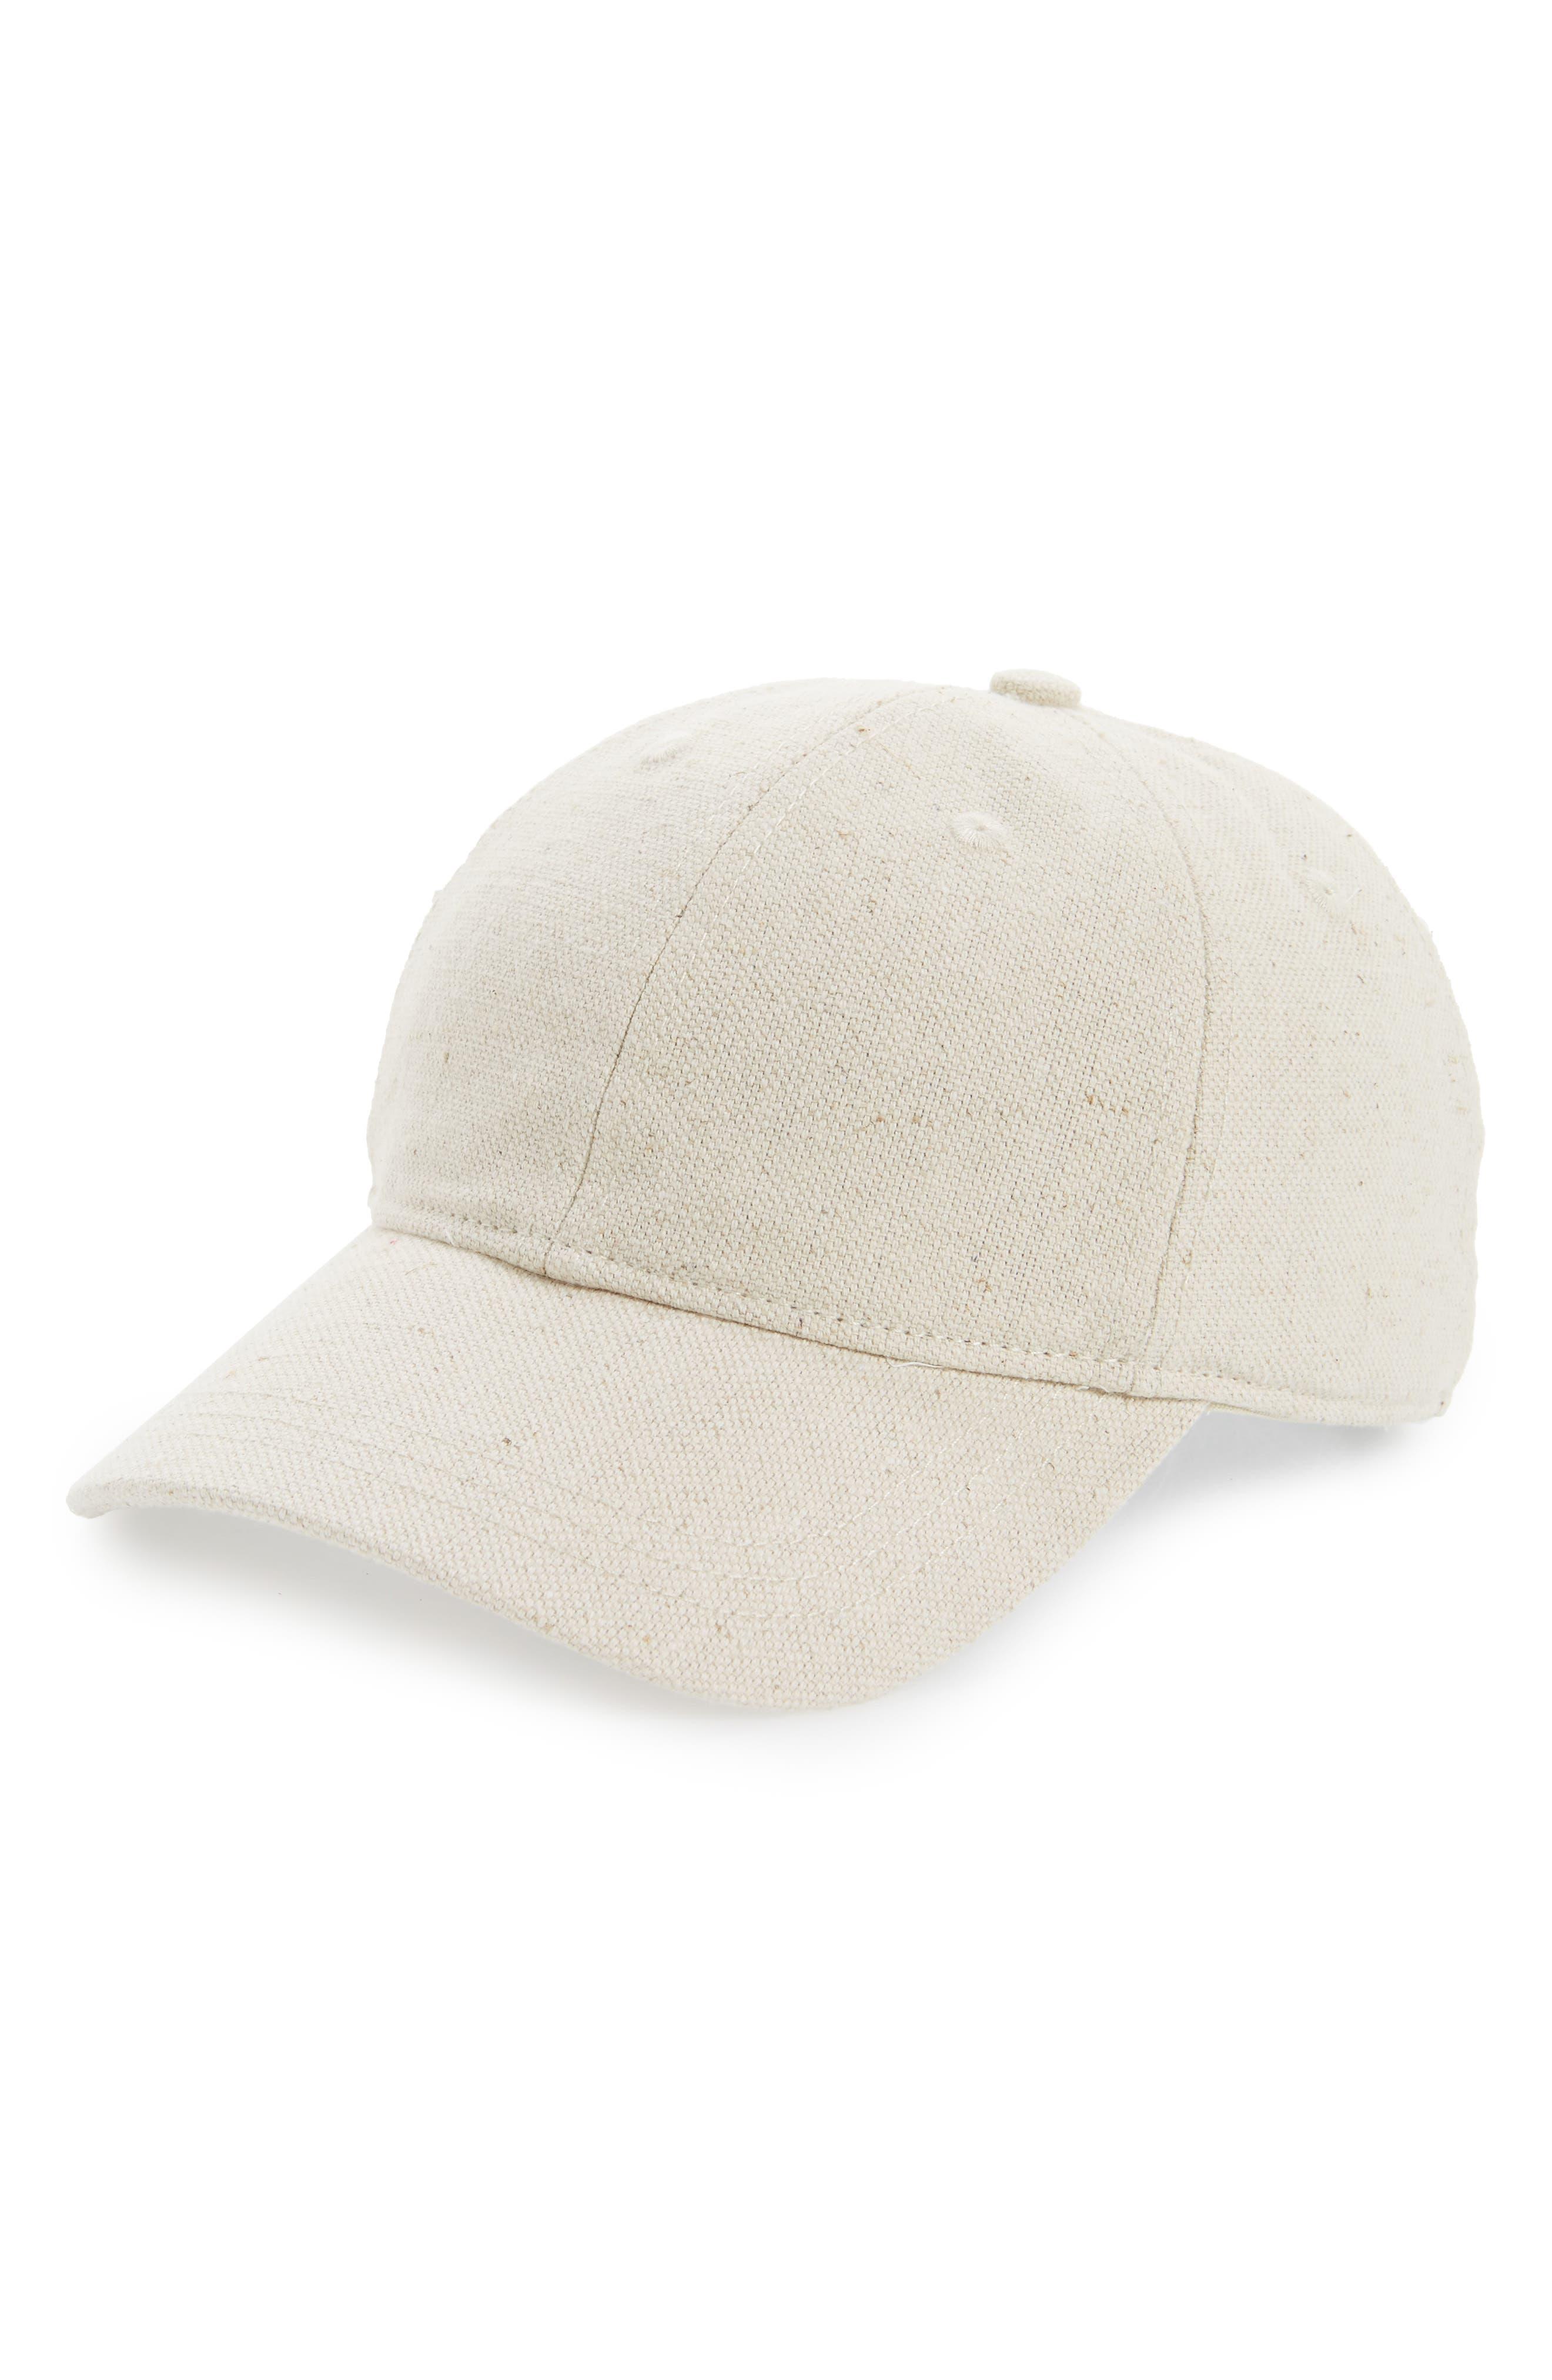 Cotton & Linen Baseball Cap,                             Main thumbnail 1, color,                             Canvas